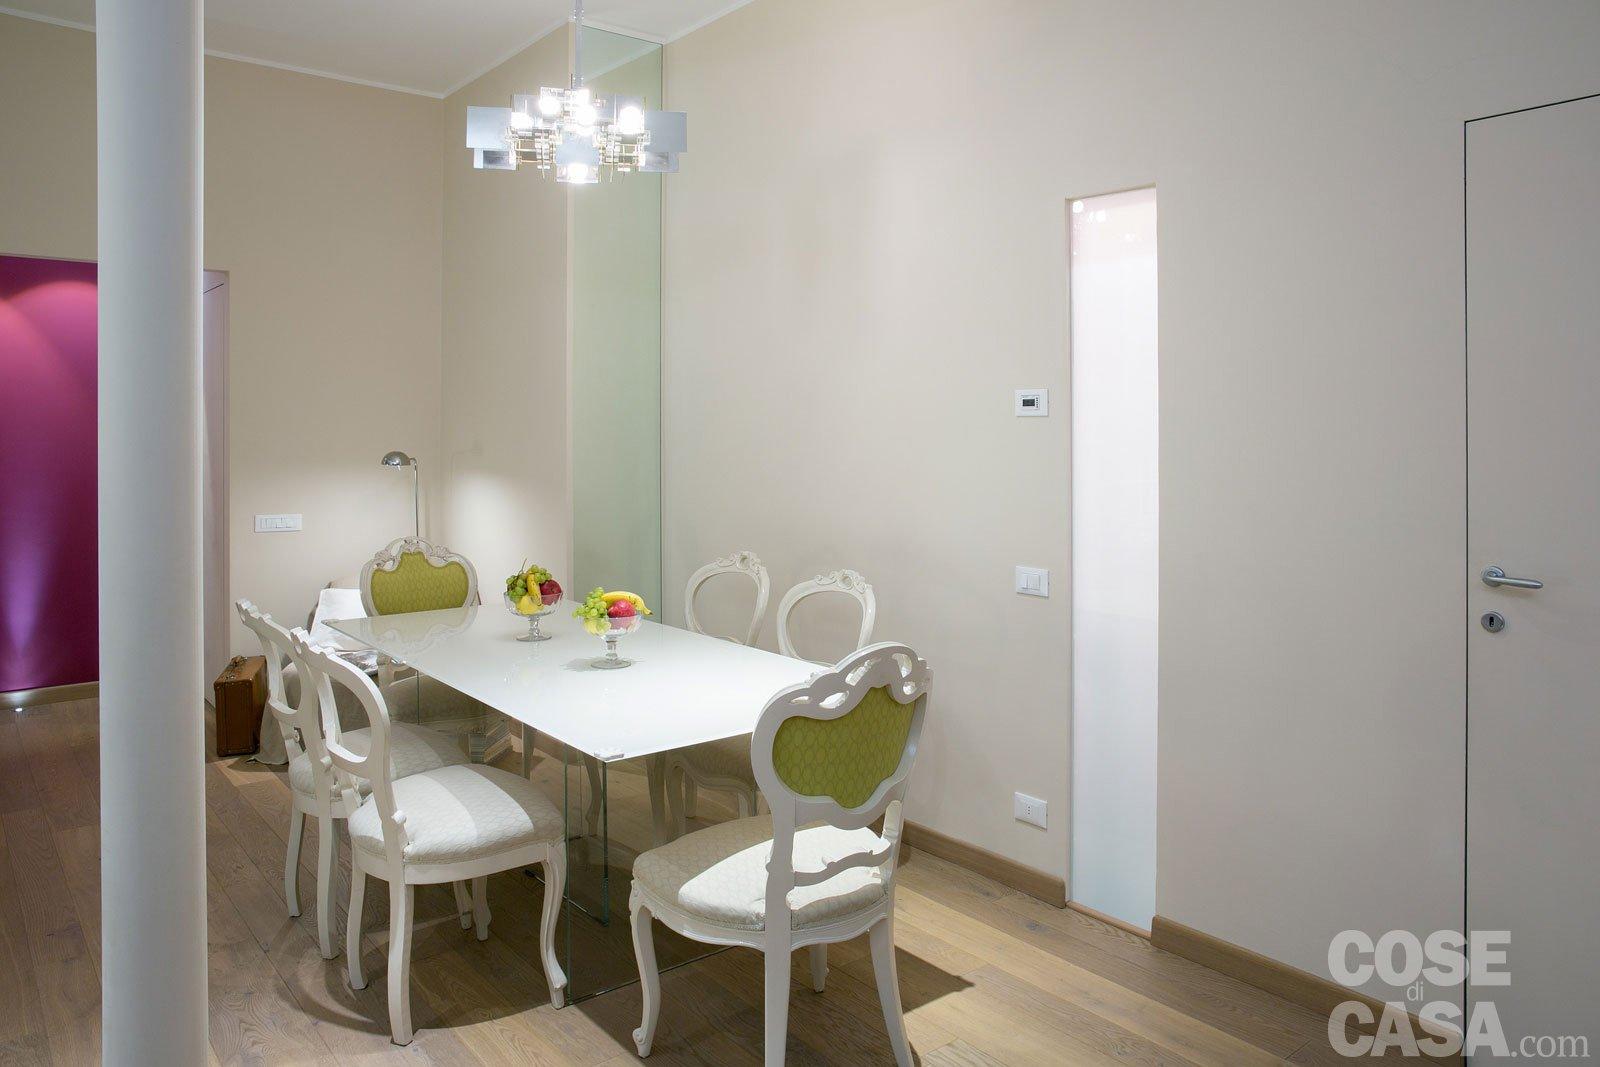 Una casa new classic a tinte vivaci cose di casa for Faretti casa classica